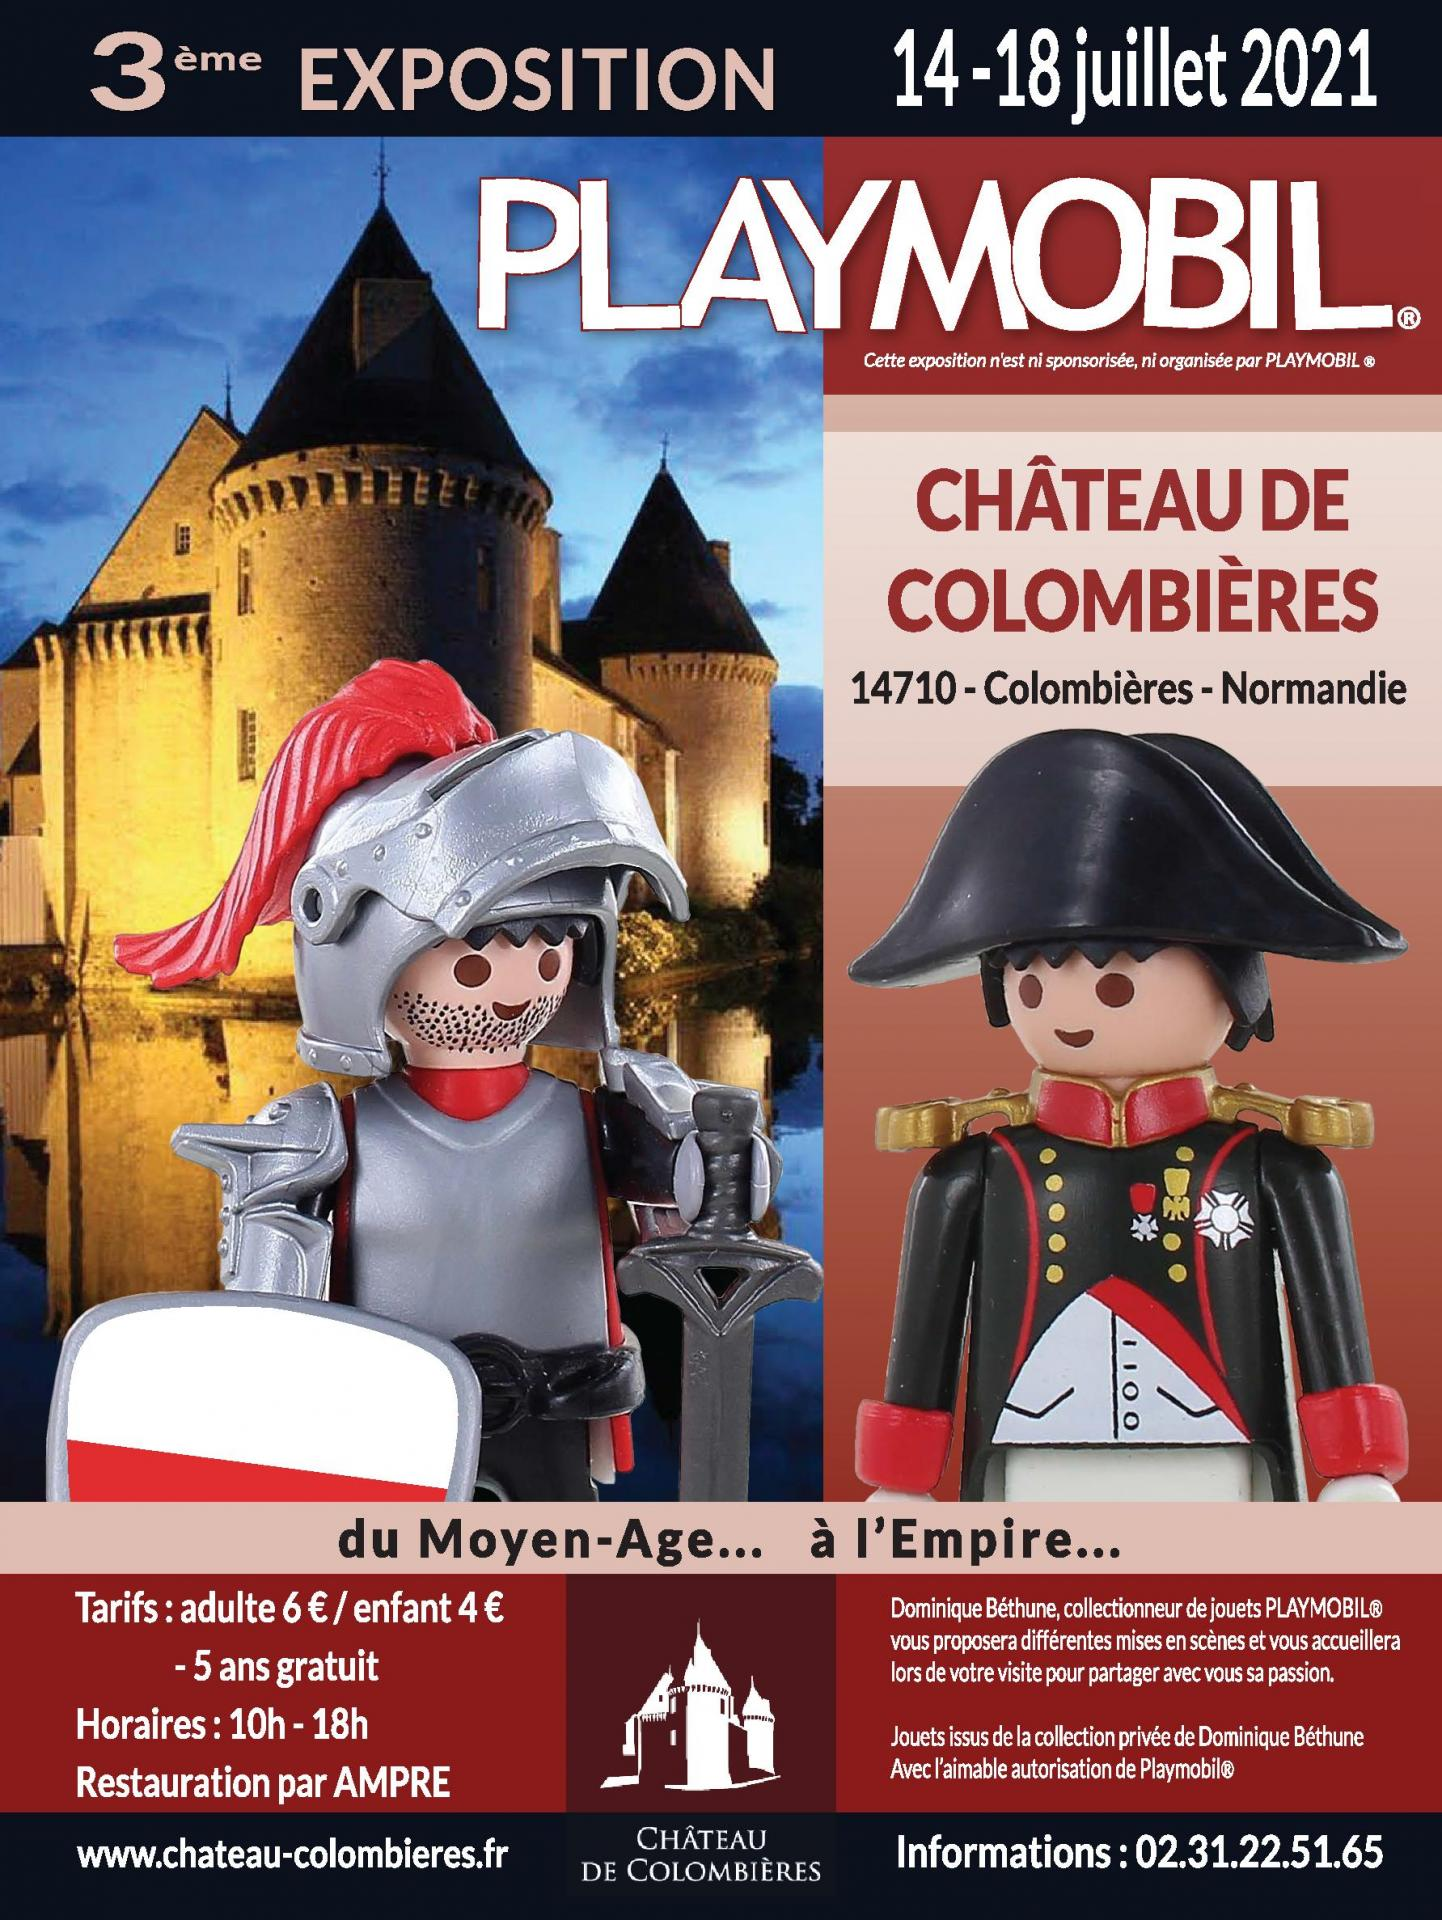 Affiche exposition playmobil chateau de colombieres 2021